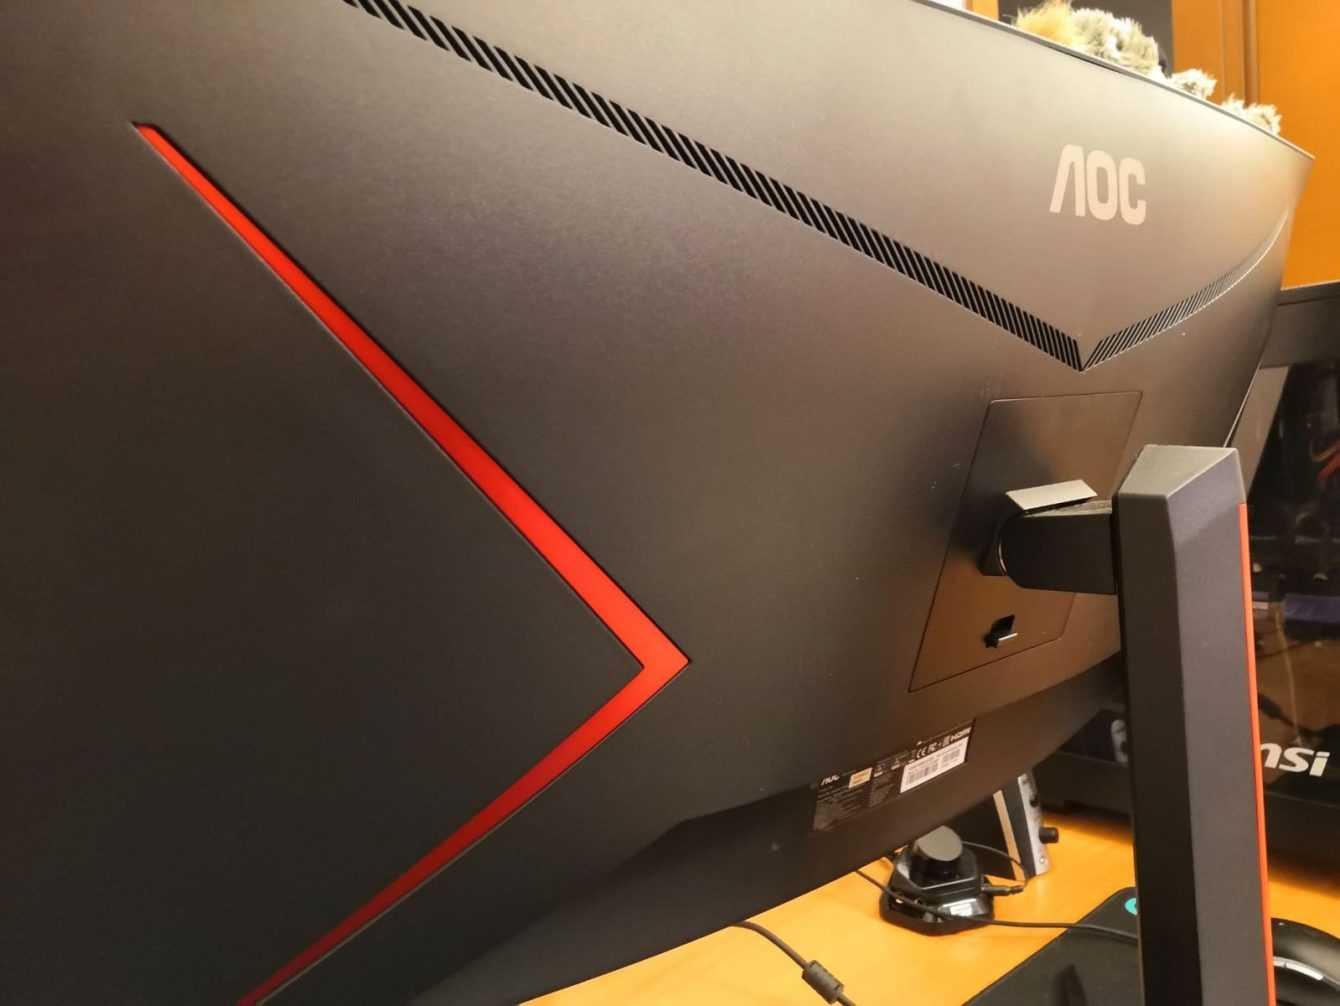 Recensione AOC CU34G2X: 34 pollici in WQHD per 144Hz di potenza visiva